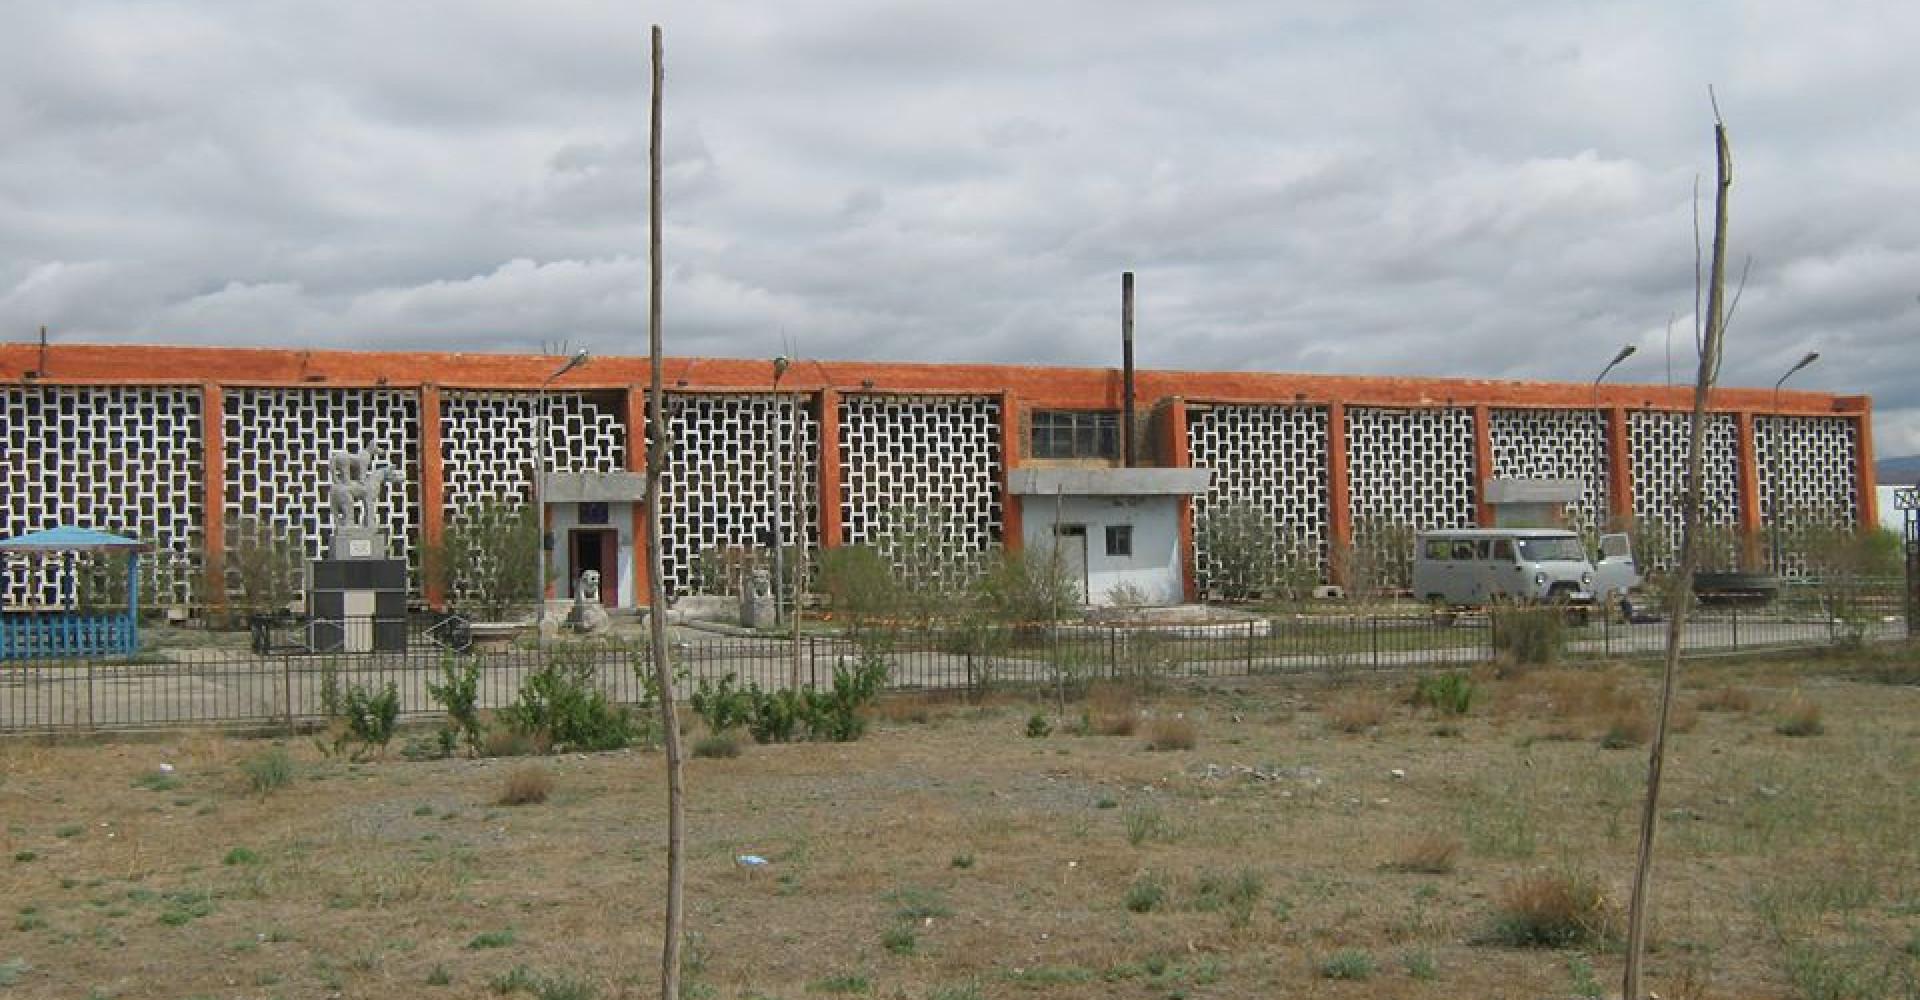 Museum of Bayankhongor province